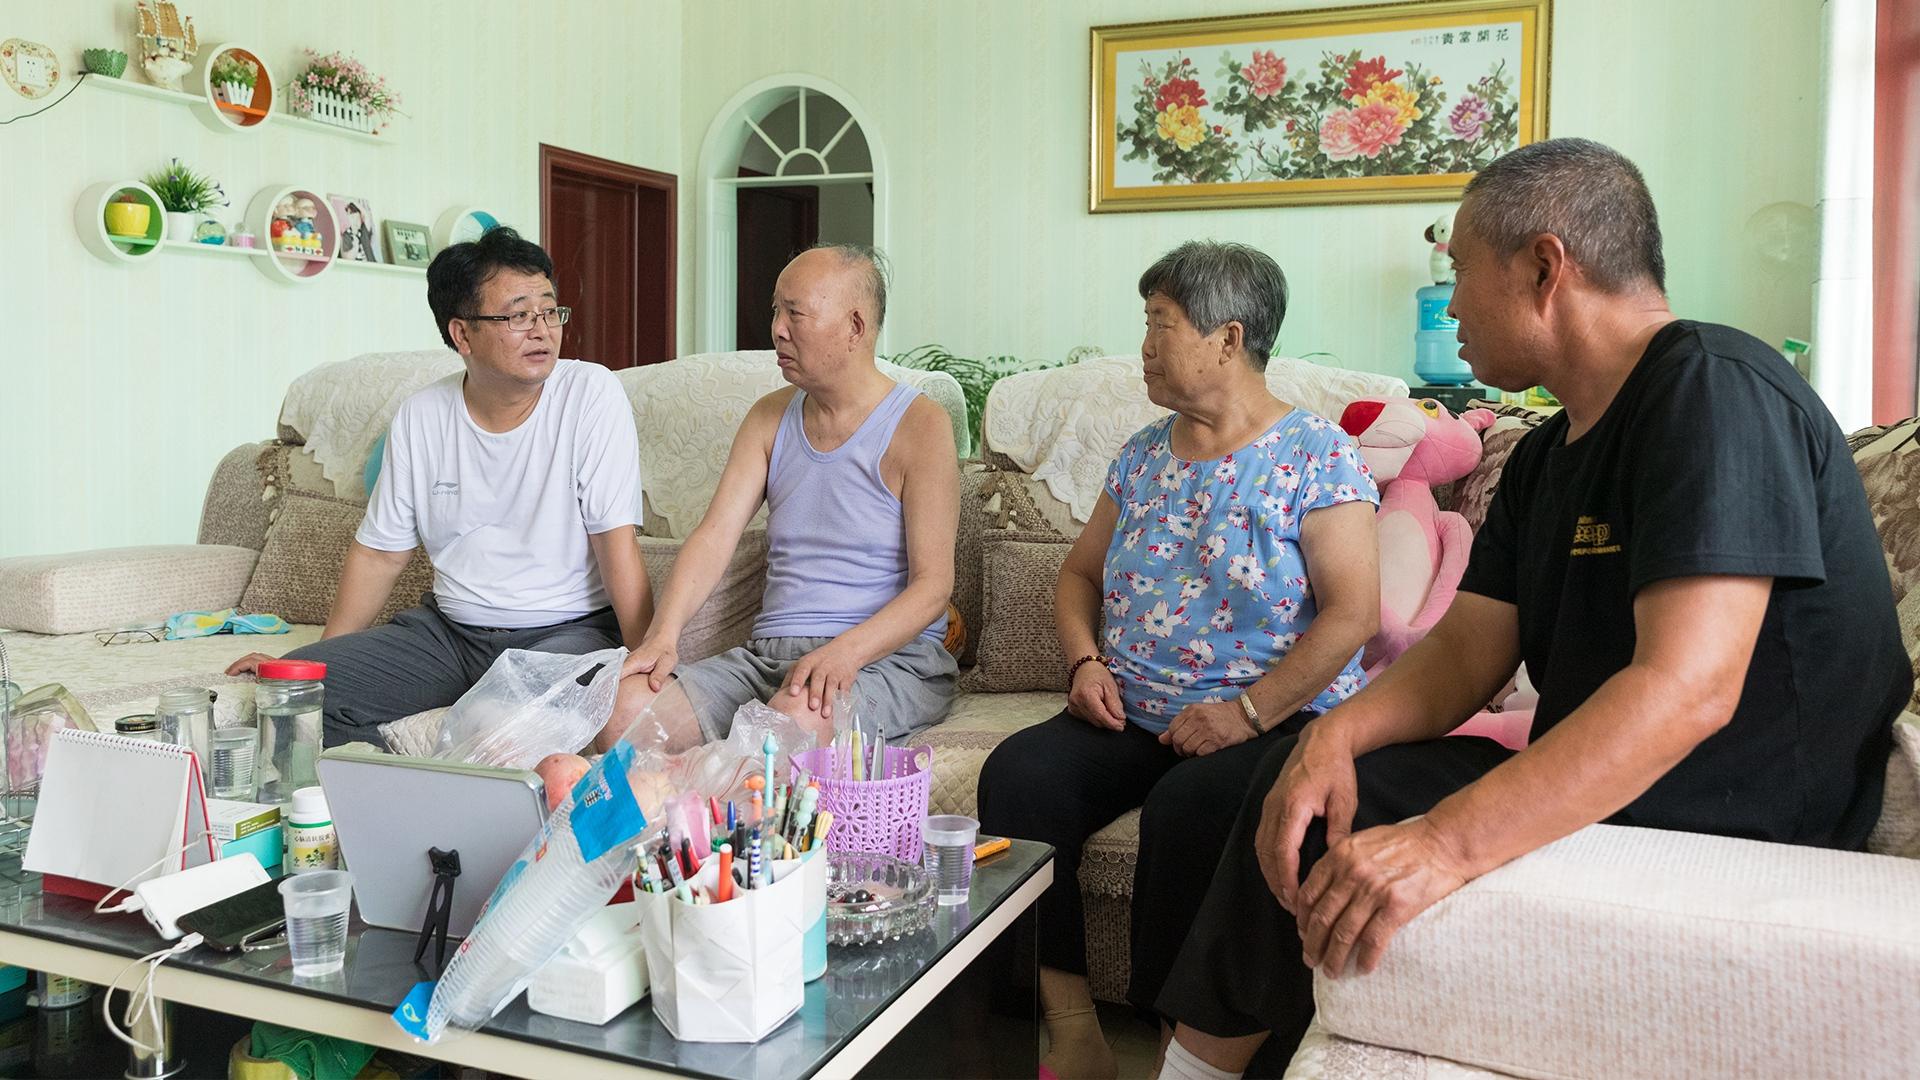 【家乡雄安】王占忠:让每一个老百姓带着笑容搬入新家